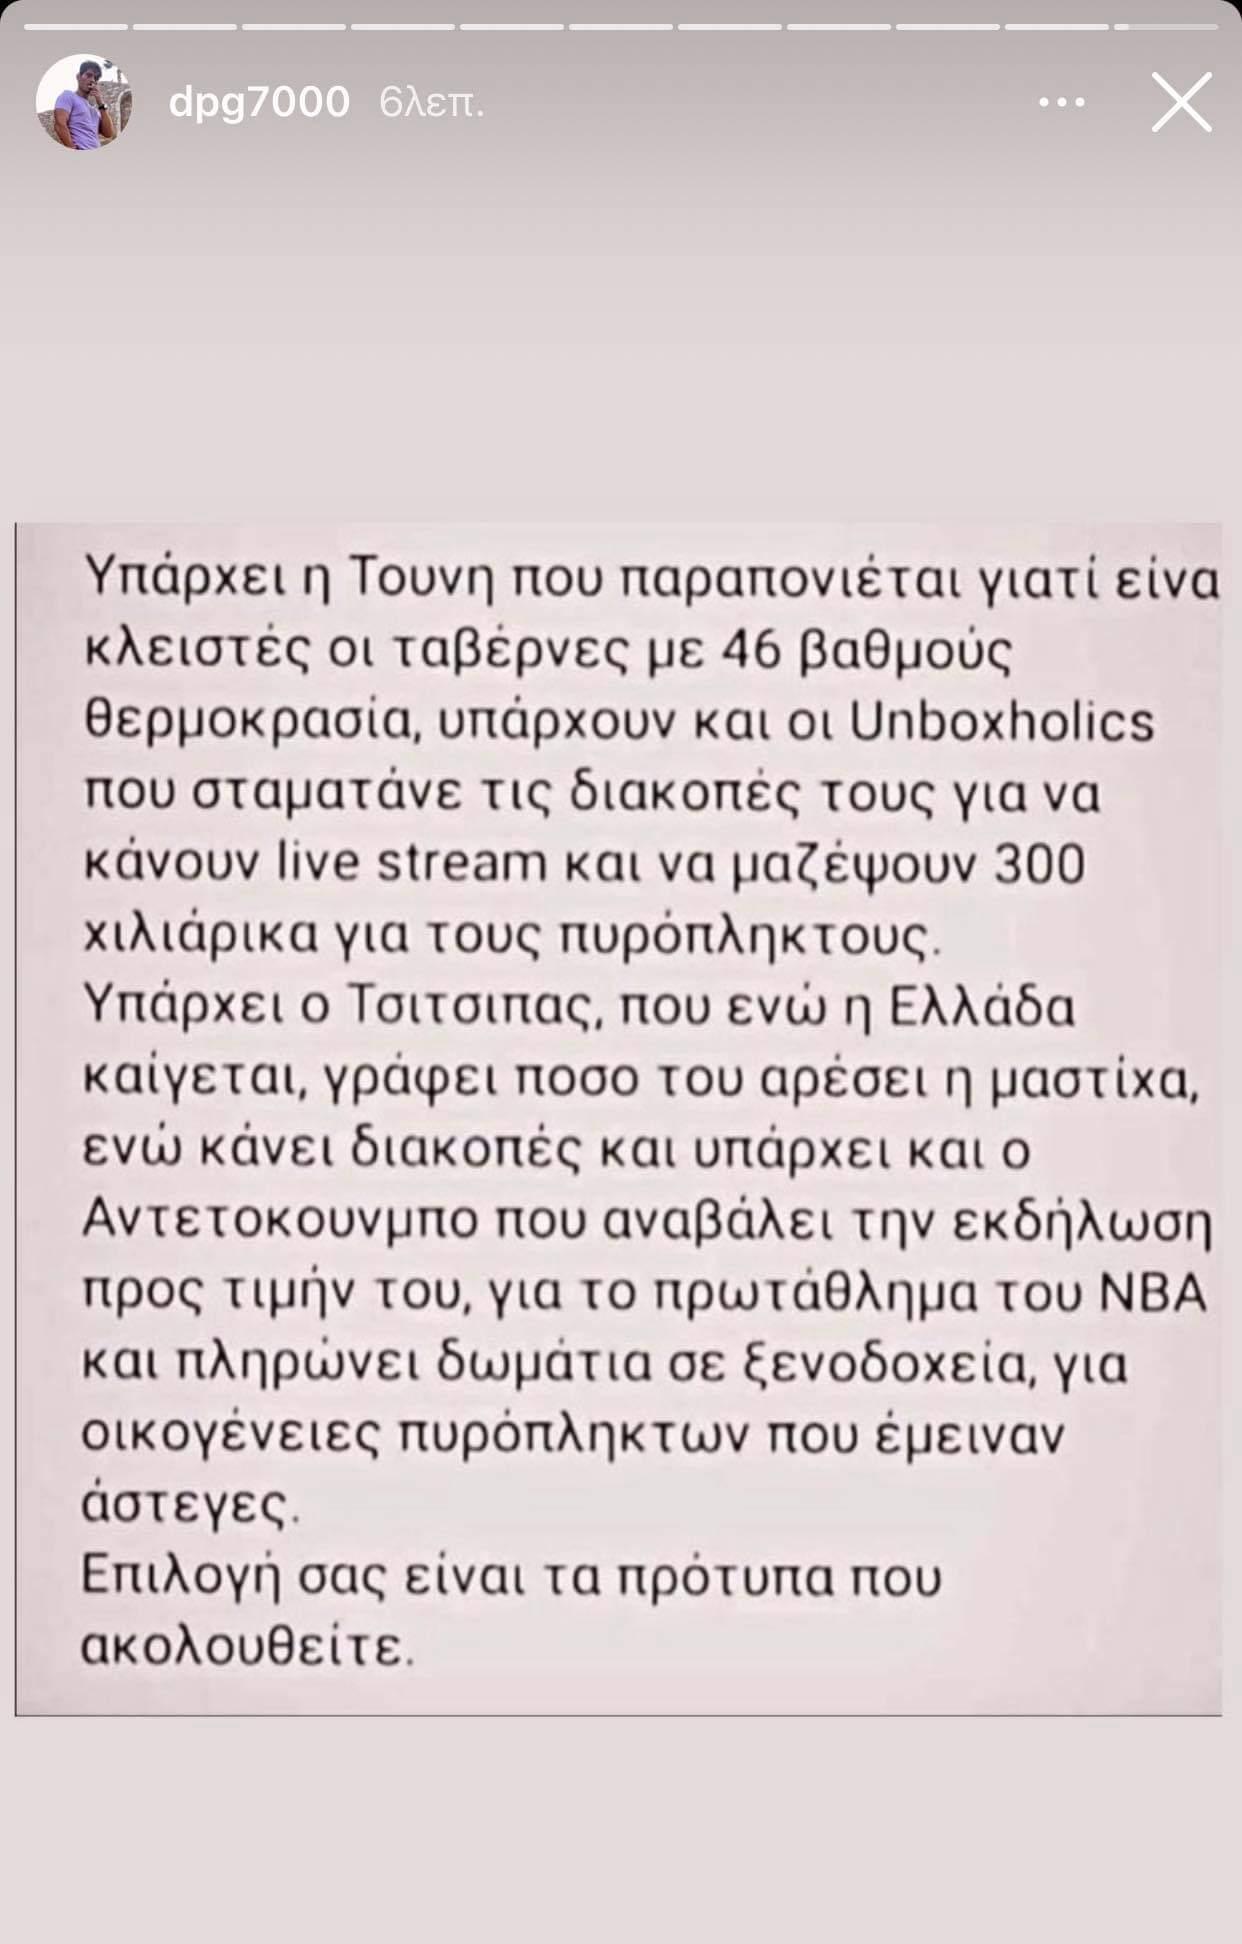 Γιαννακόπουλος για Τούνη: «Επιλογή σας τα πρότυπα που ακολουθείτε!»